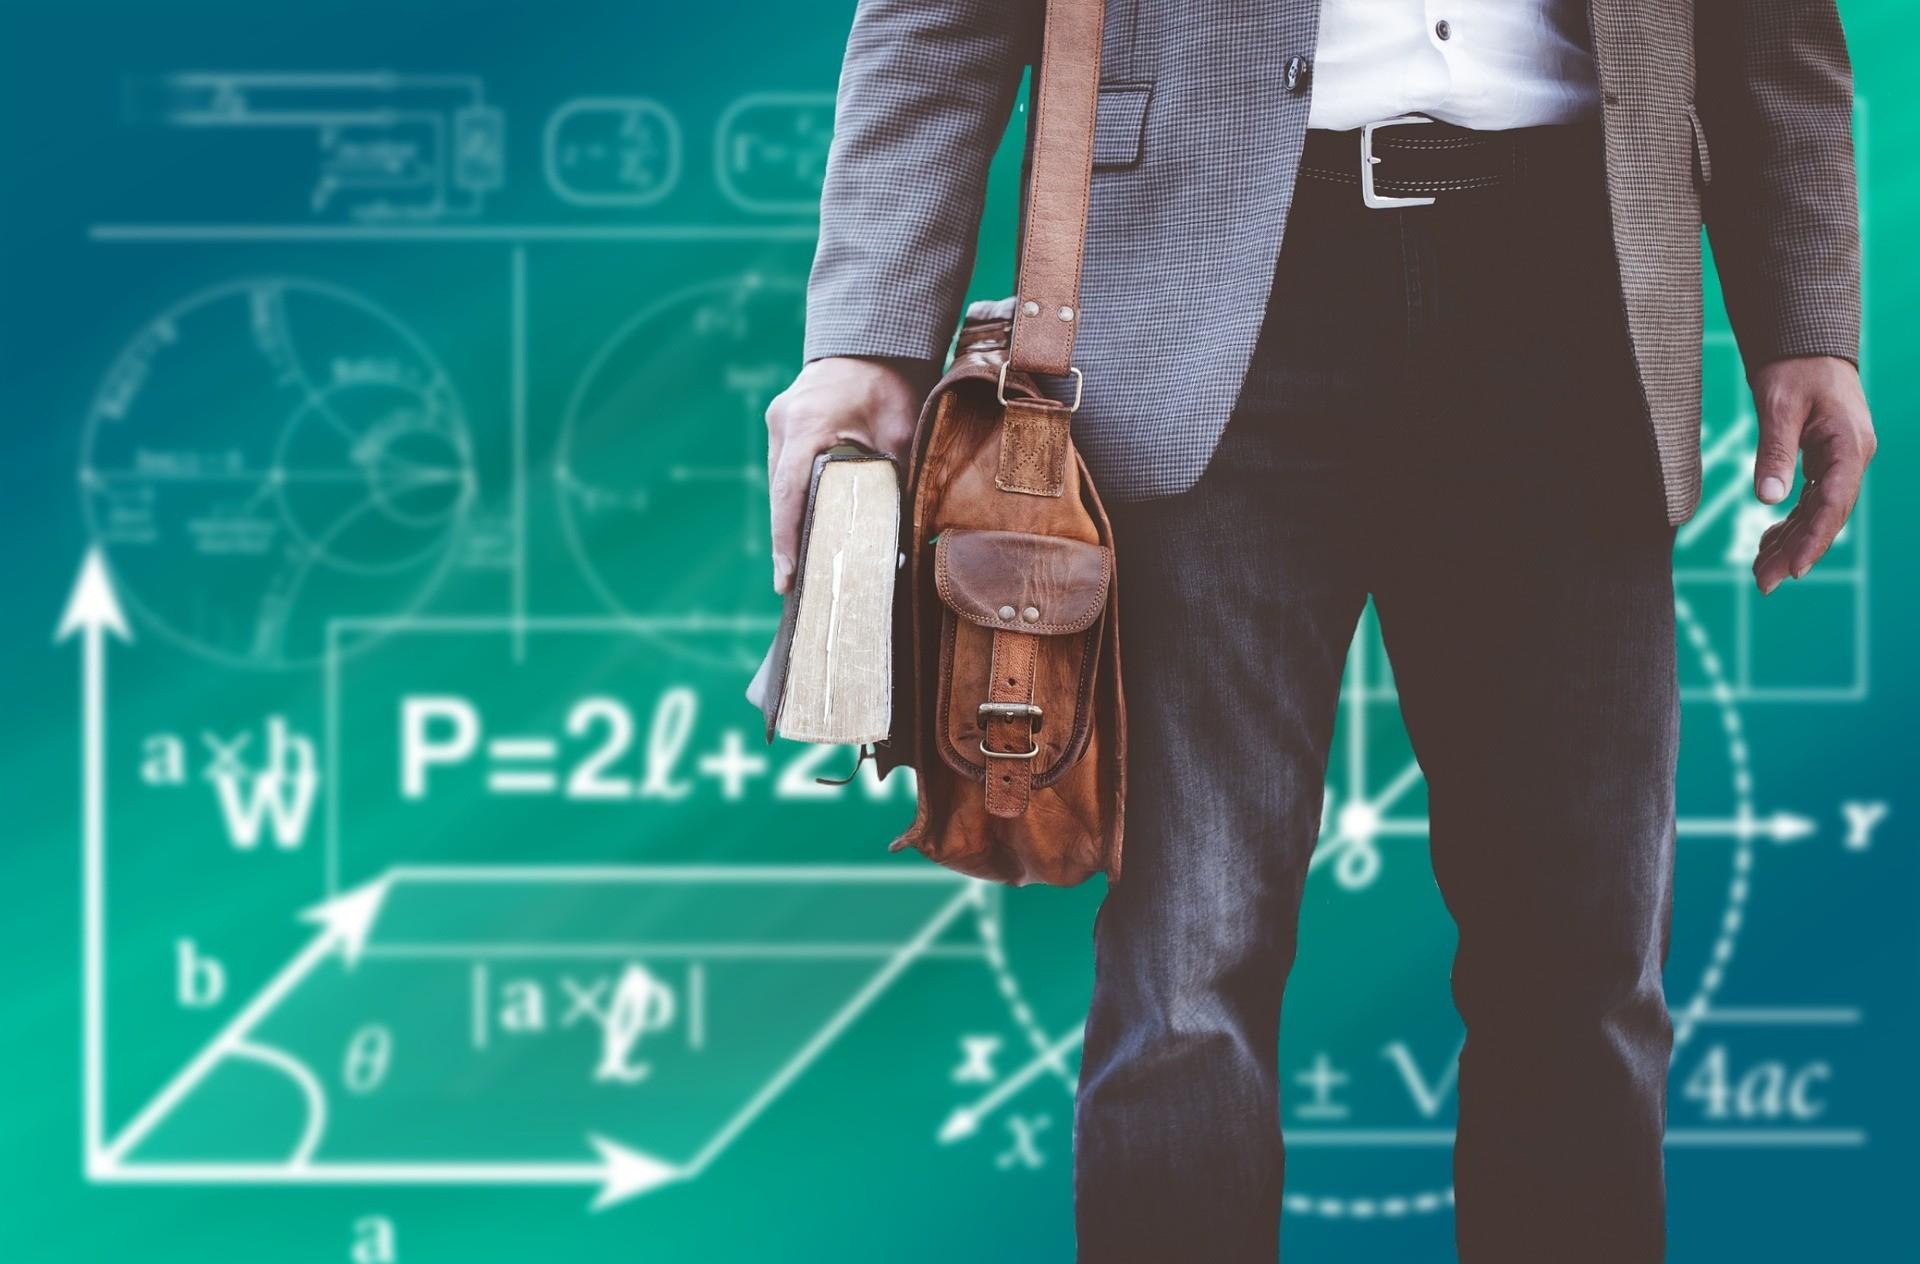 Inadimplência do ensino superior privado em abril de 2020 é 72% maior que no mesmo mês do ano passado, aponta levantamento